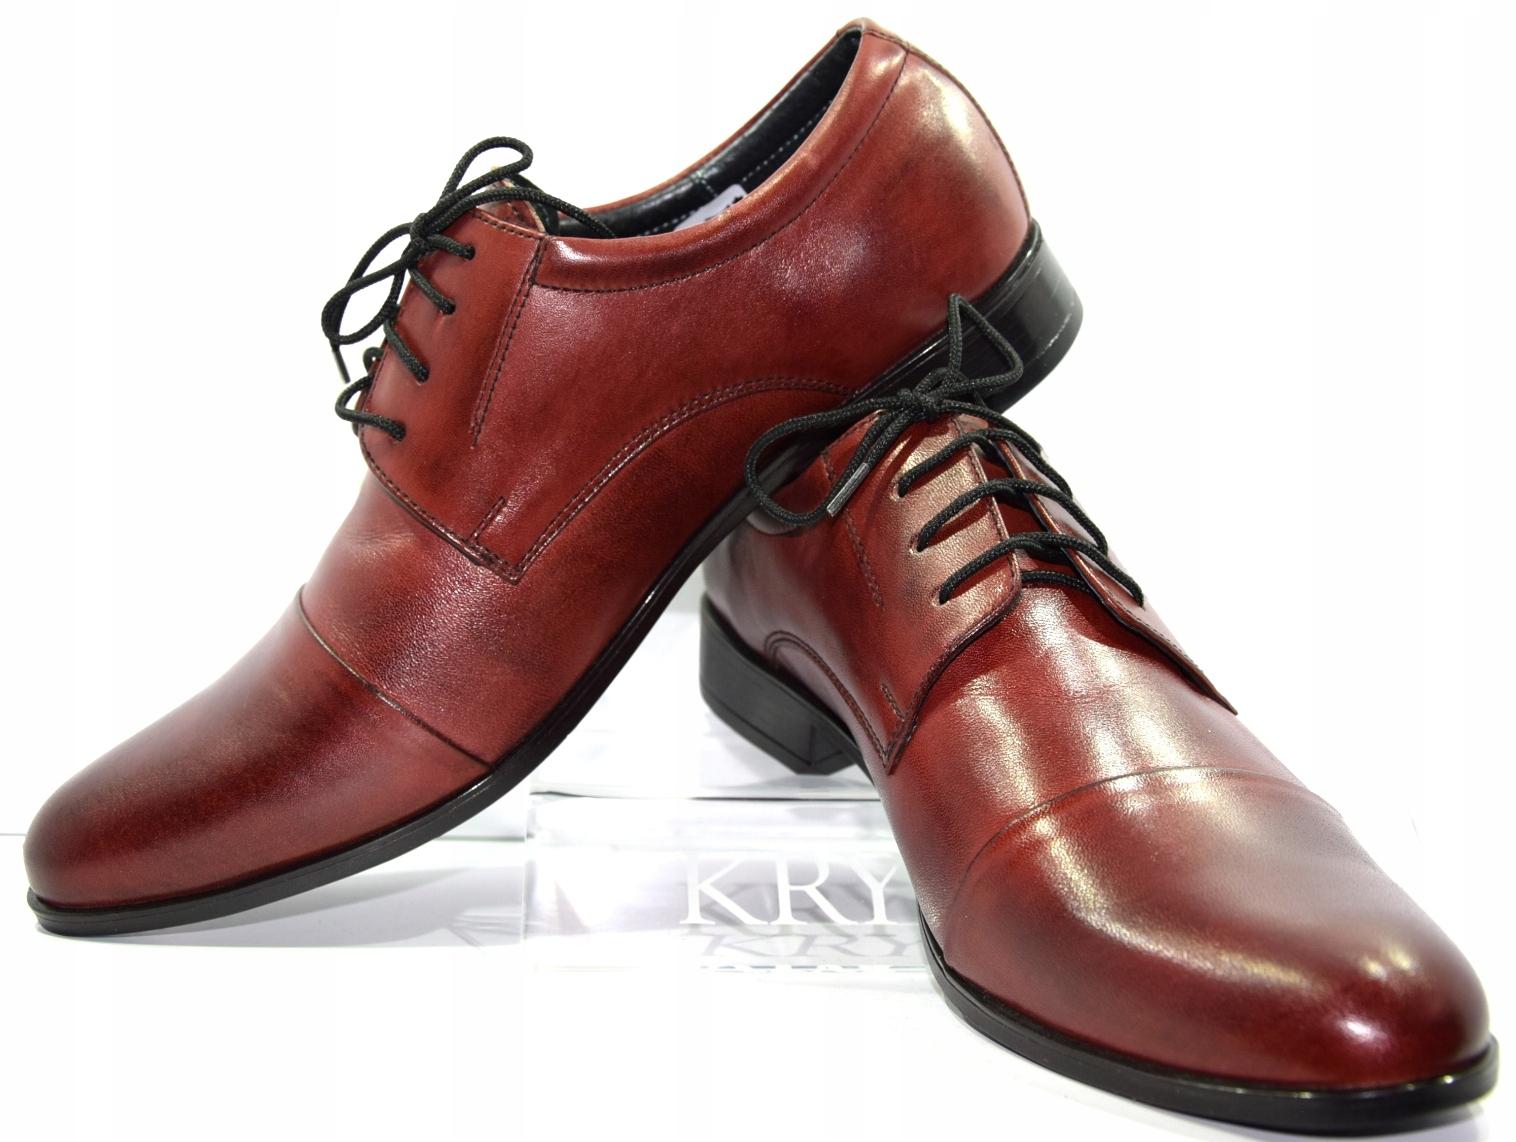 b63781b406de1 Obuwie męskie polskie buty Moskała bordo 632 R.43 - 7272102592 ...